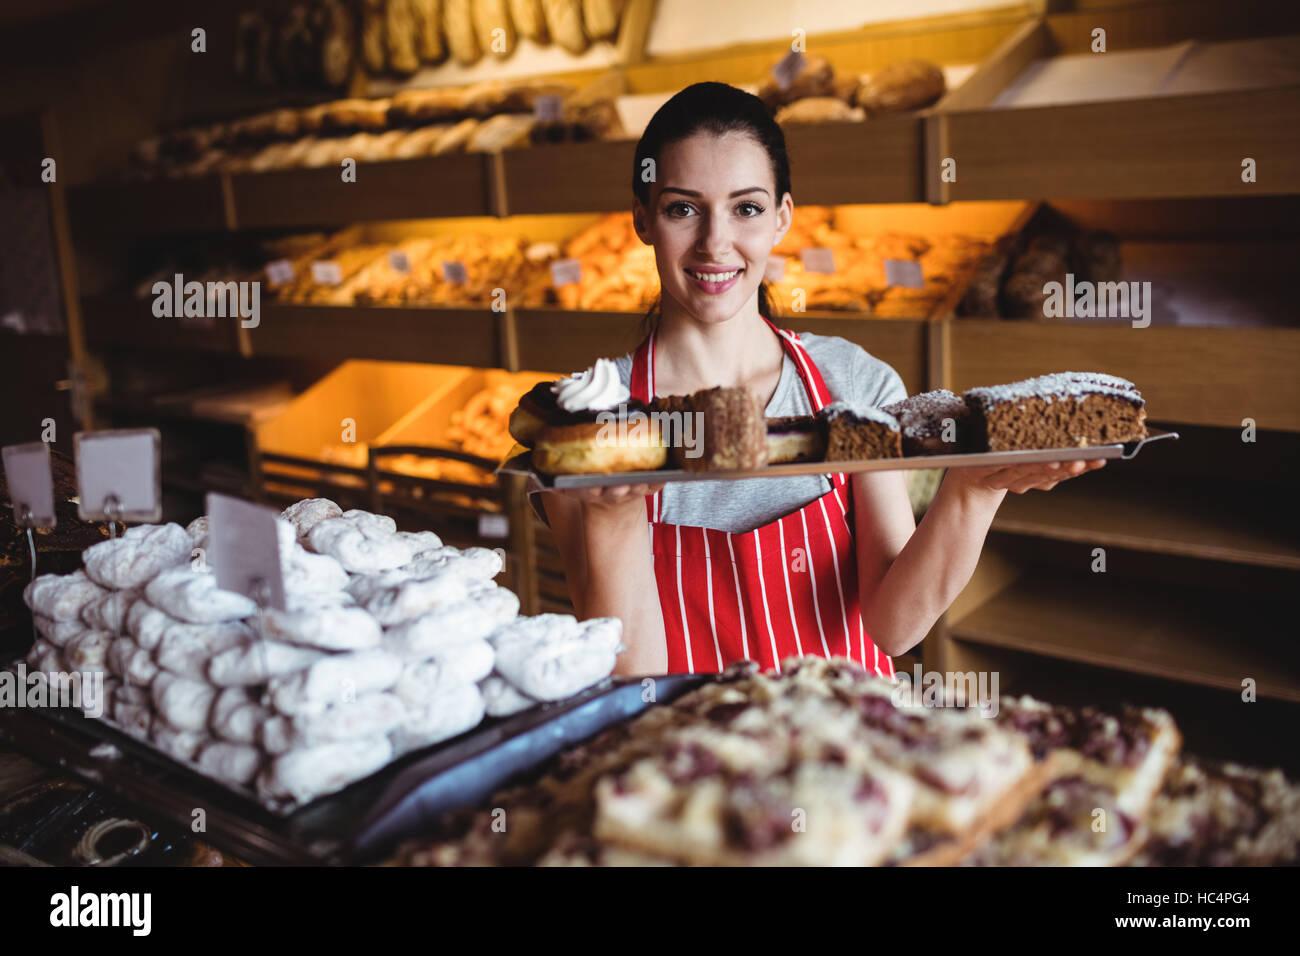 Portrait of female baker holding a tray de sucrés Photo Stock